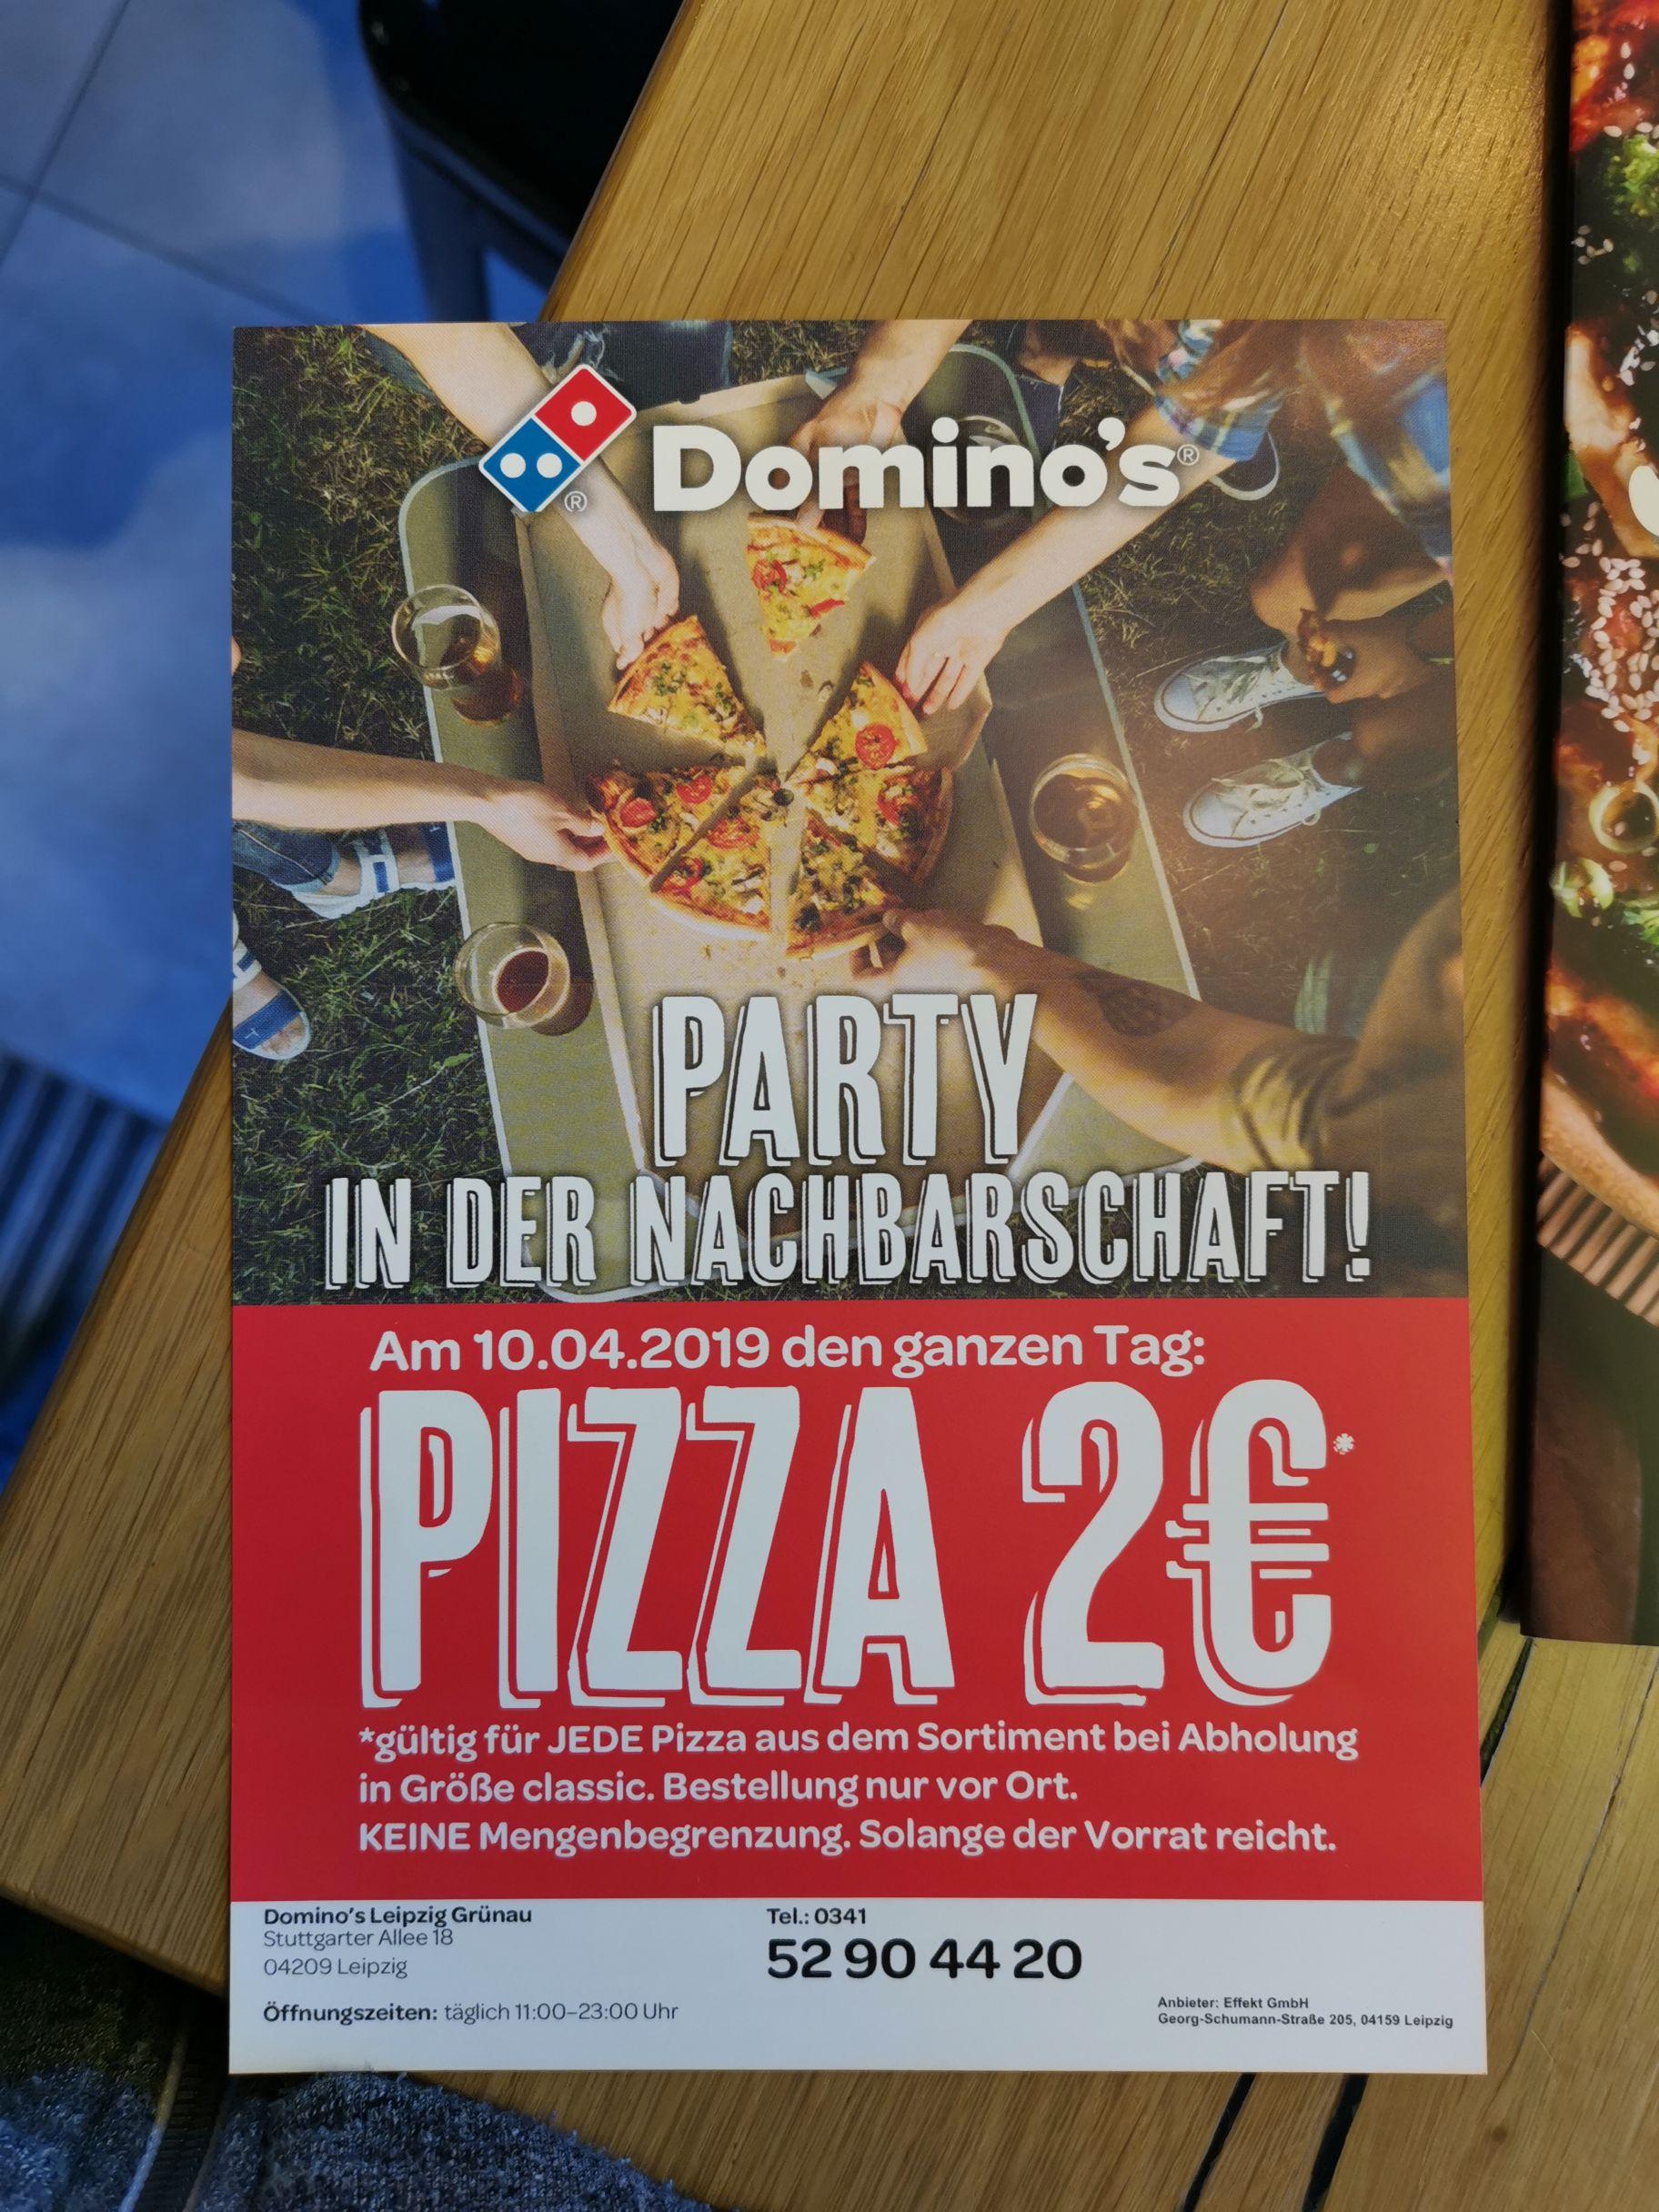 [Lokal Stuttgarter Allee 18 in Leipzig] Jede Domino's Pizza für 2€